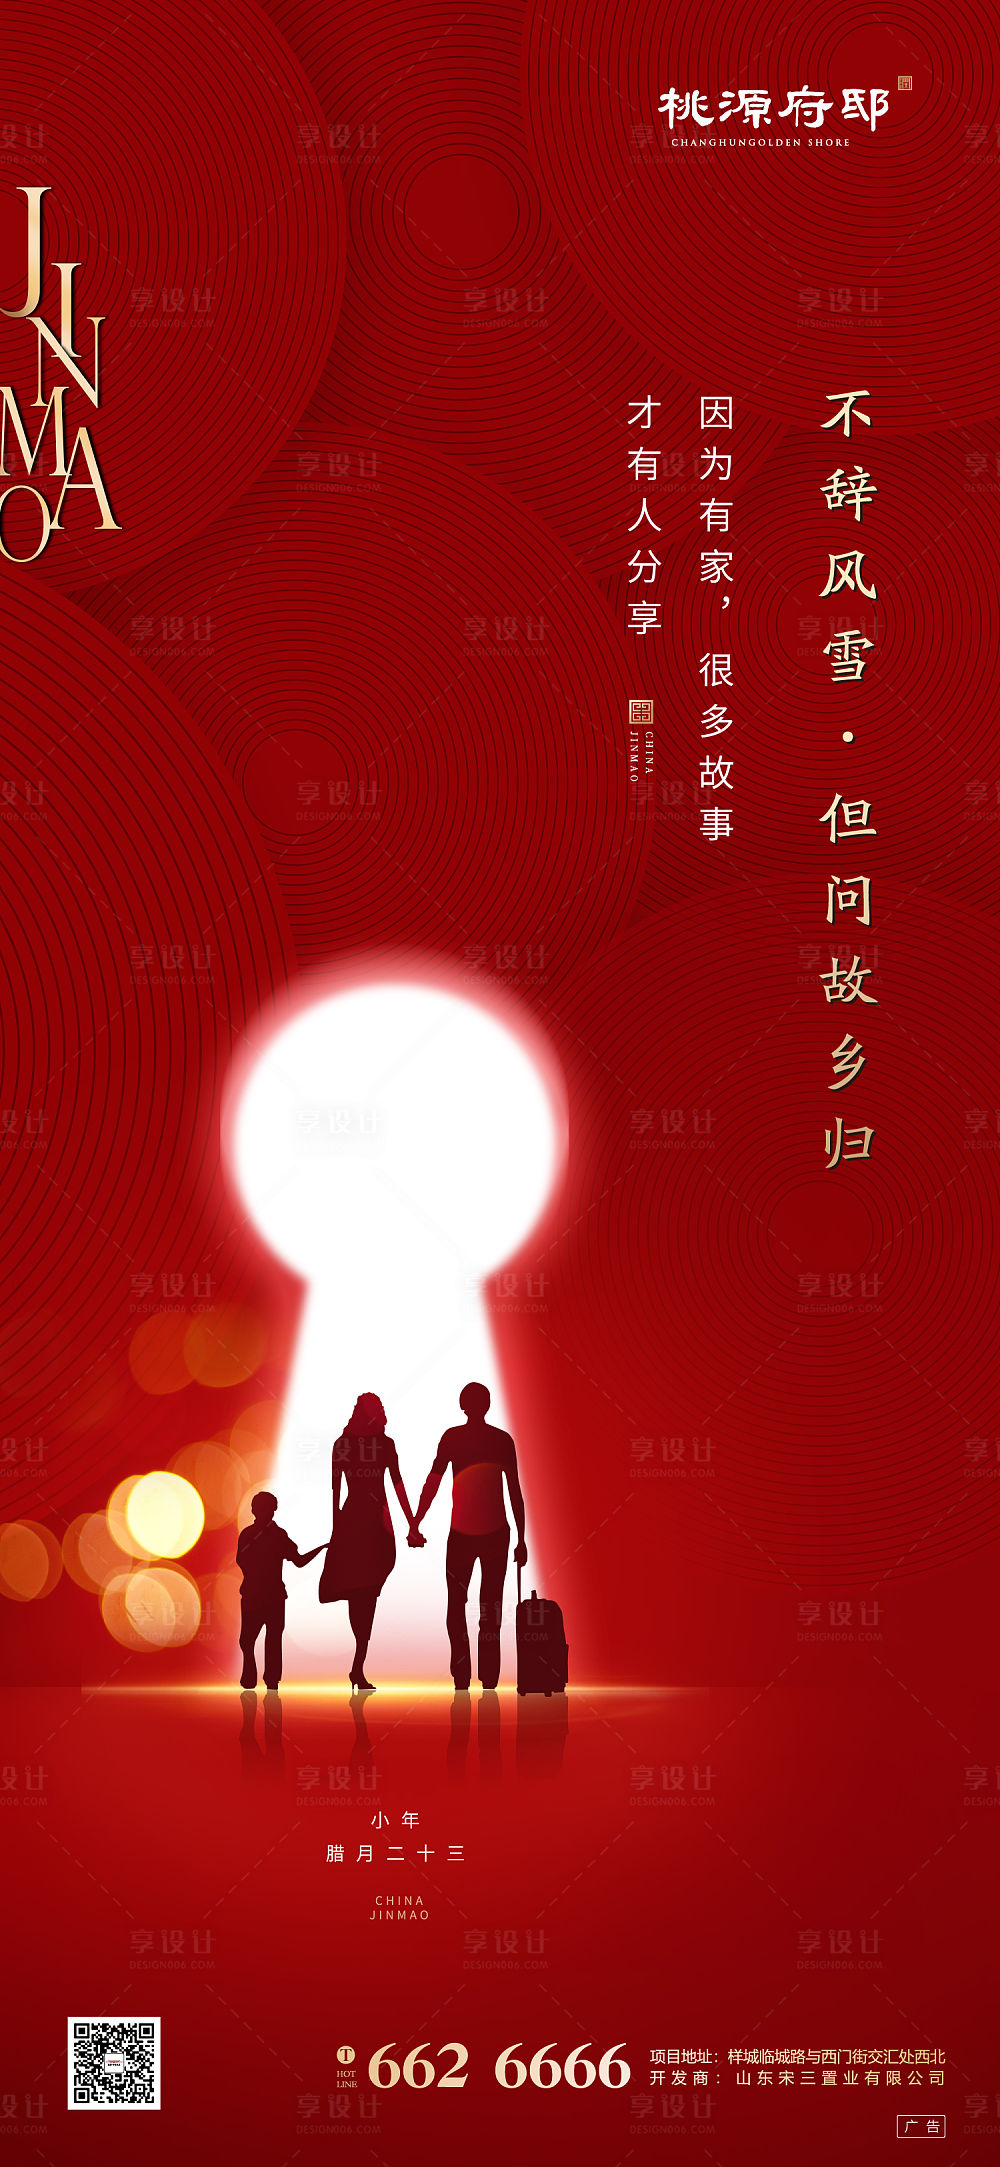 【源文件下载】 海报 房地产 红金 春节 返乡置业 剪影 质感 纹理设计作品 设计图集